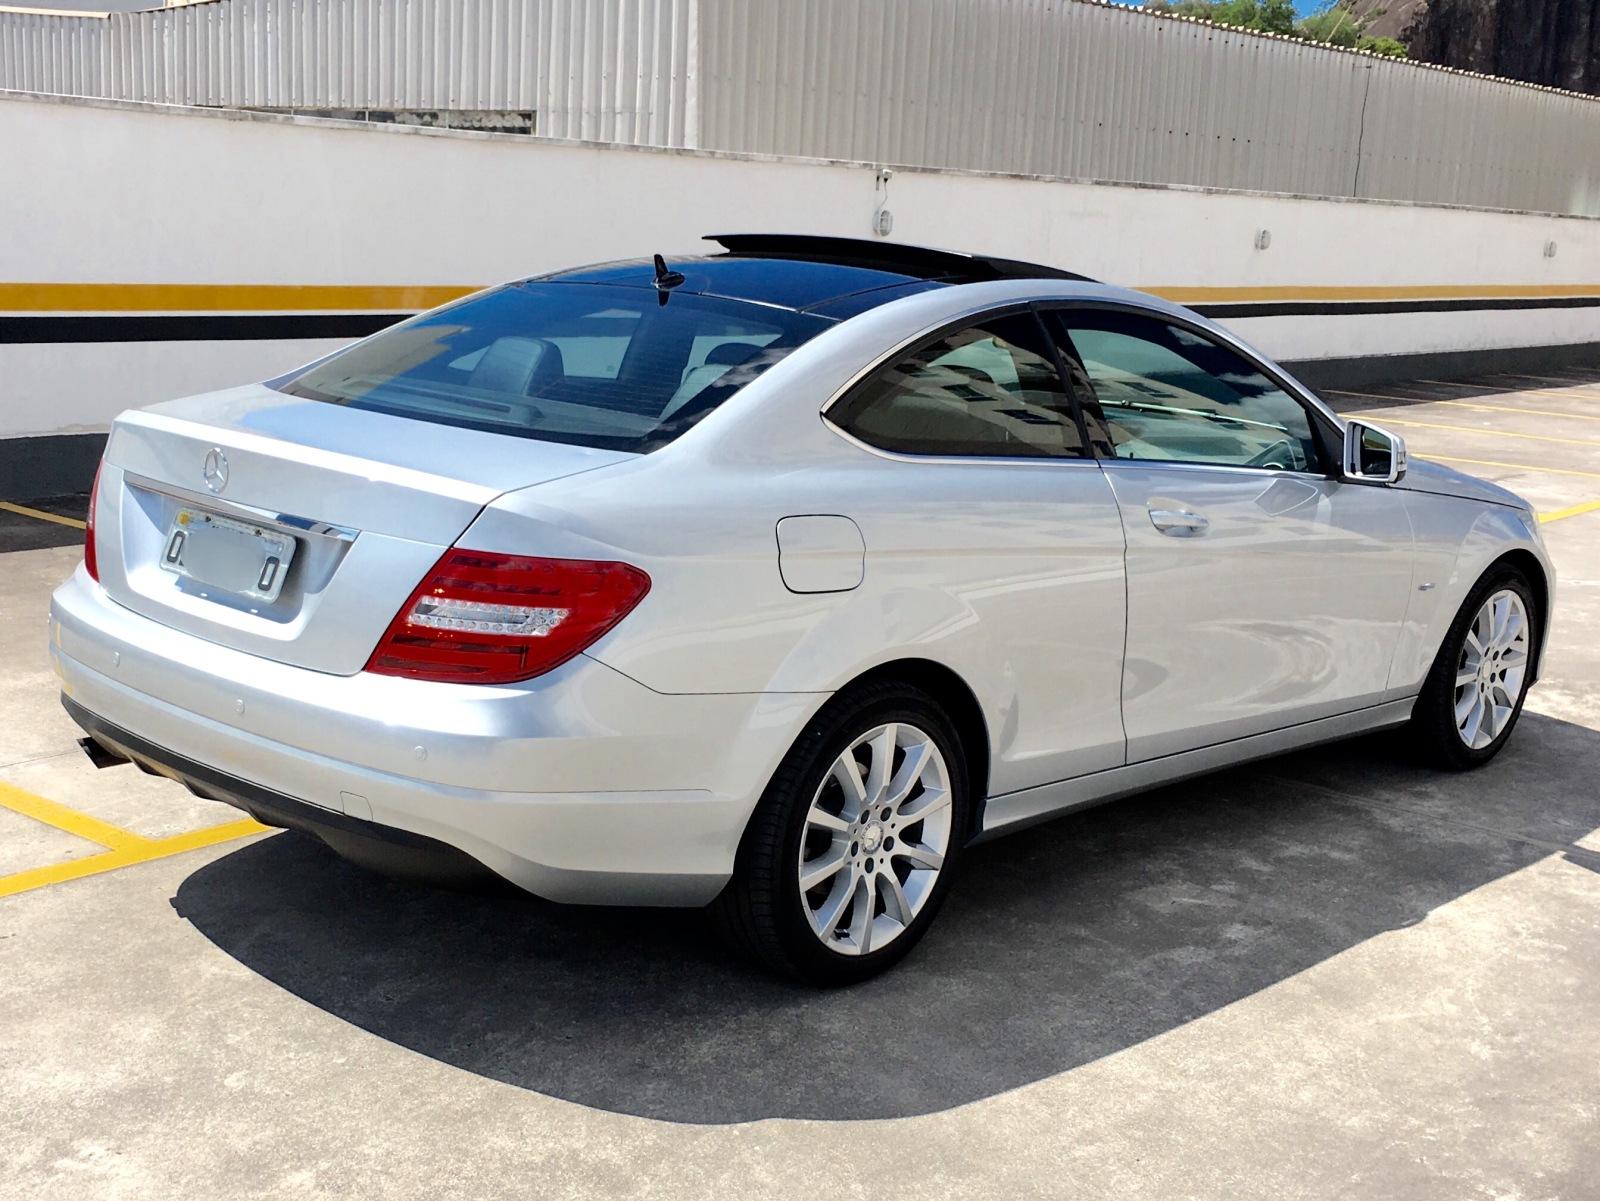 C180 - (VENDO): C204 - C180 coupé 11/12 - R$68.000,00 2v01wra